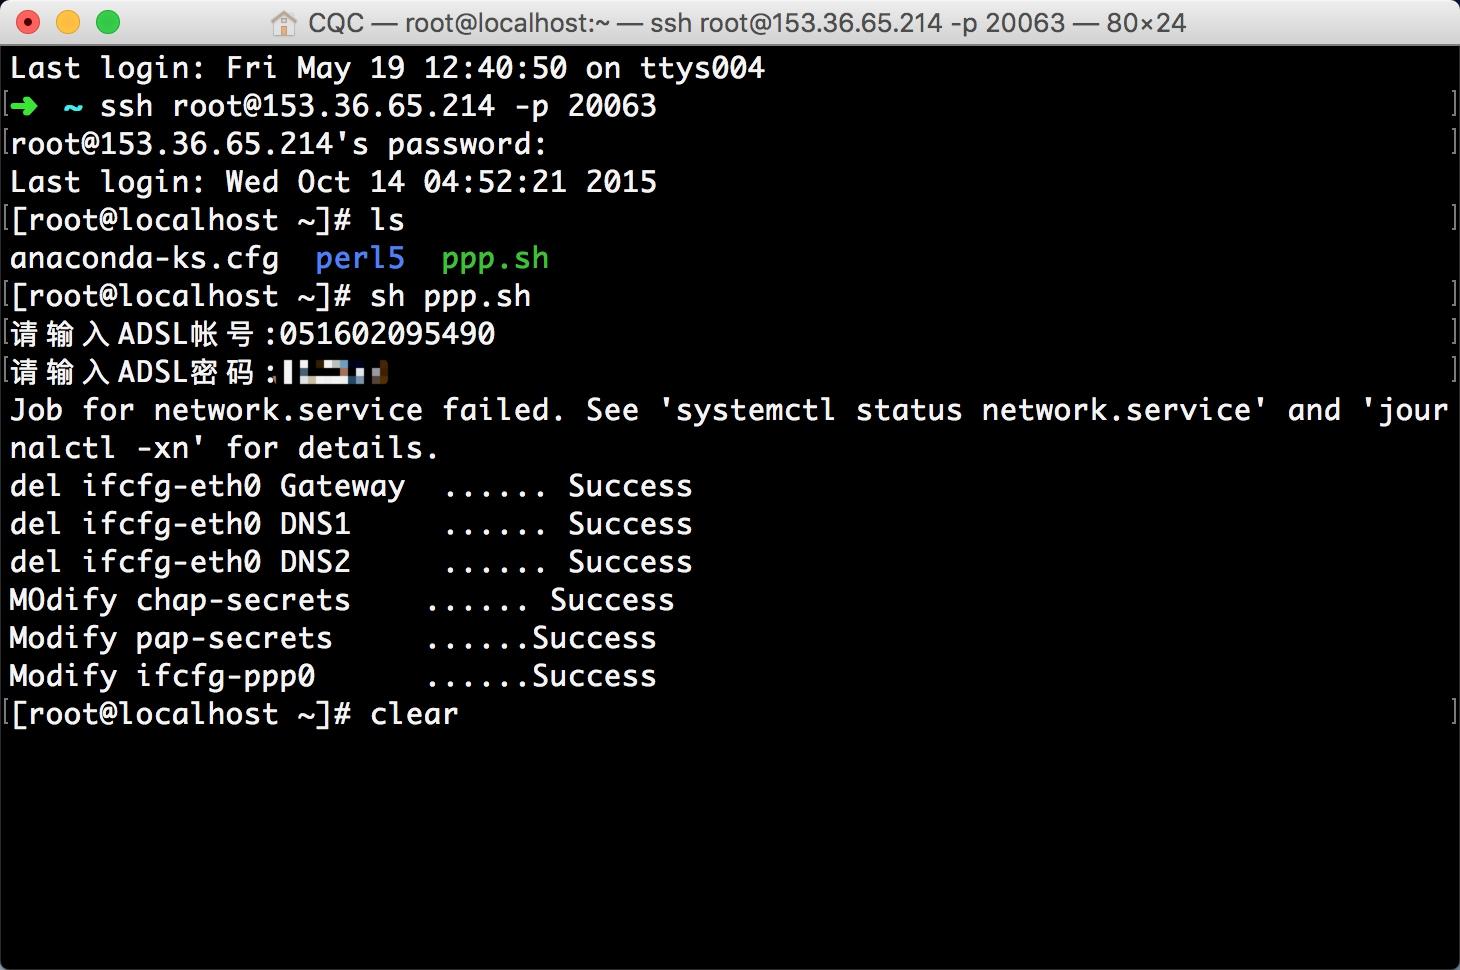 【转】使用Tornado+Redis维护ADSL拨号服务器代理池